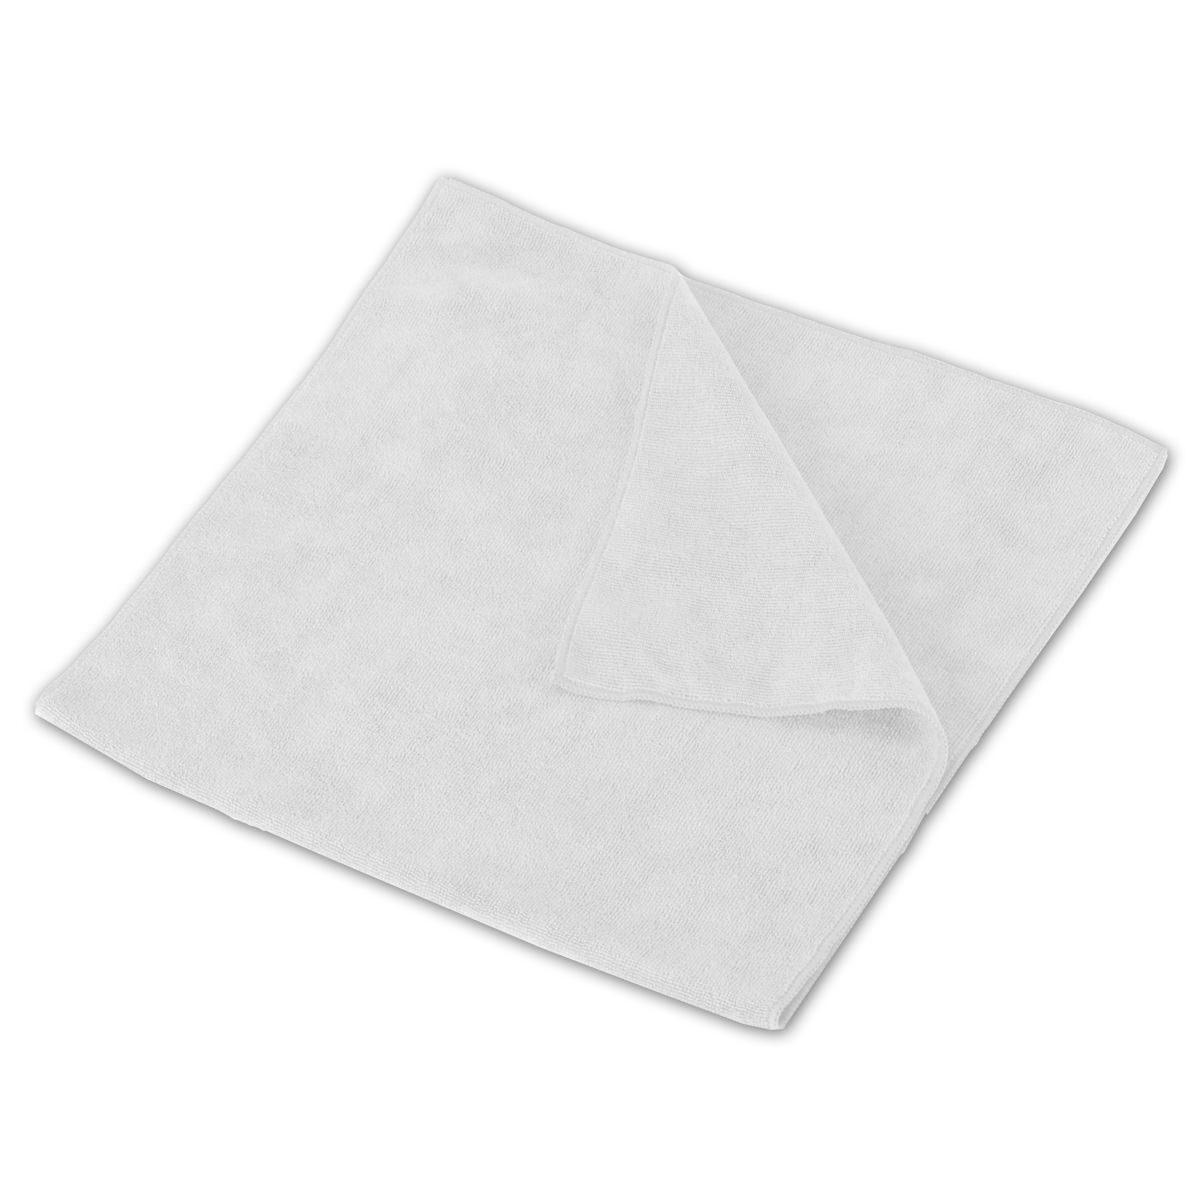 מגבת ספורט מיקרופייבר - פלאש